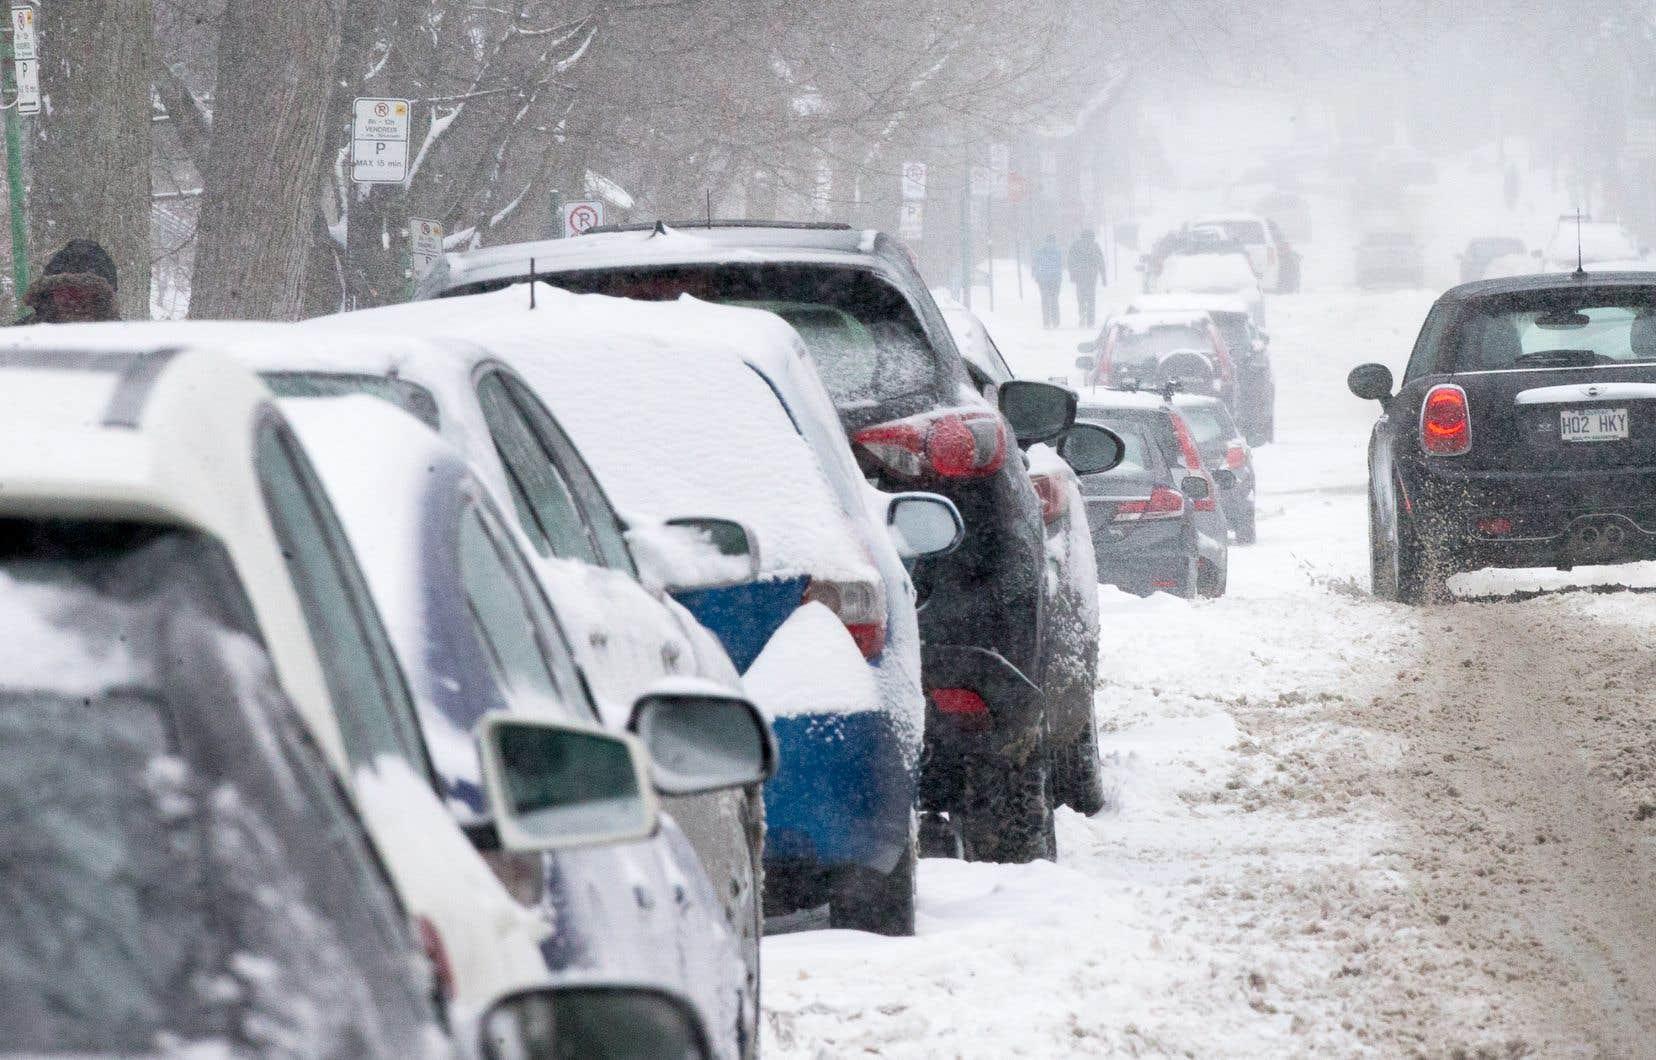 Les auteurs sont préoccupés par l'intention du gouvernement d'aller de l'avant avec des projets d'augmentation de la capacité routière.